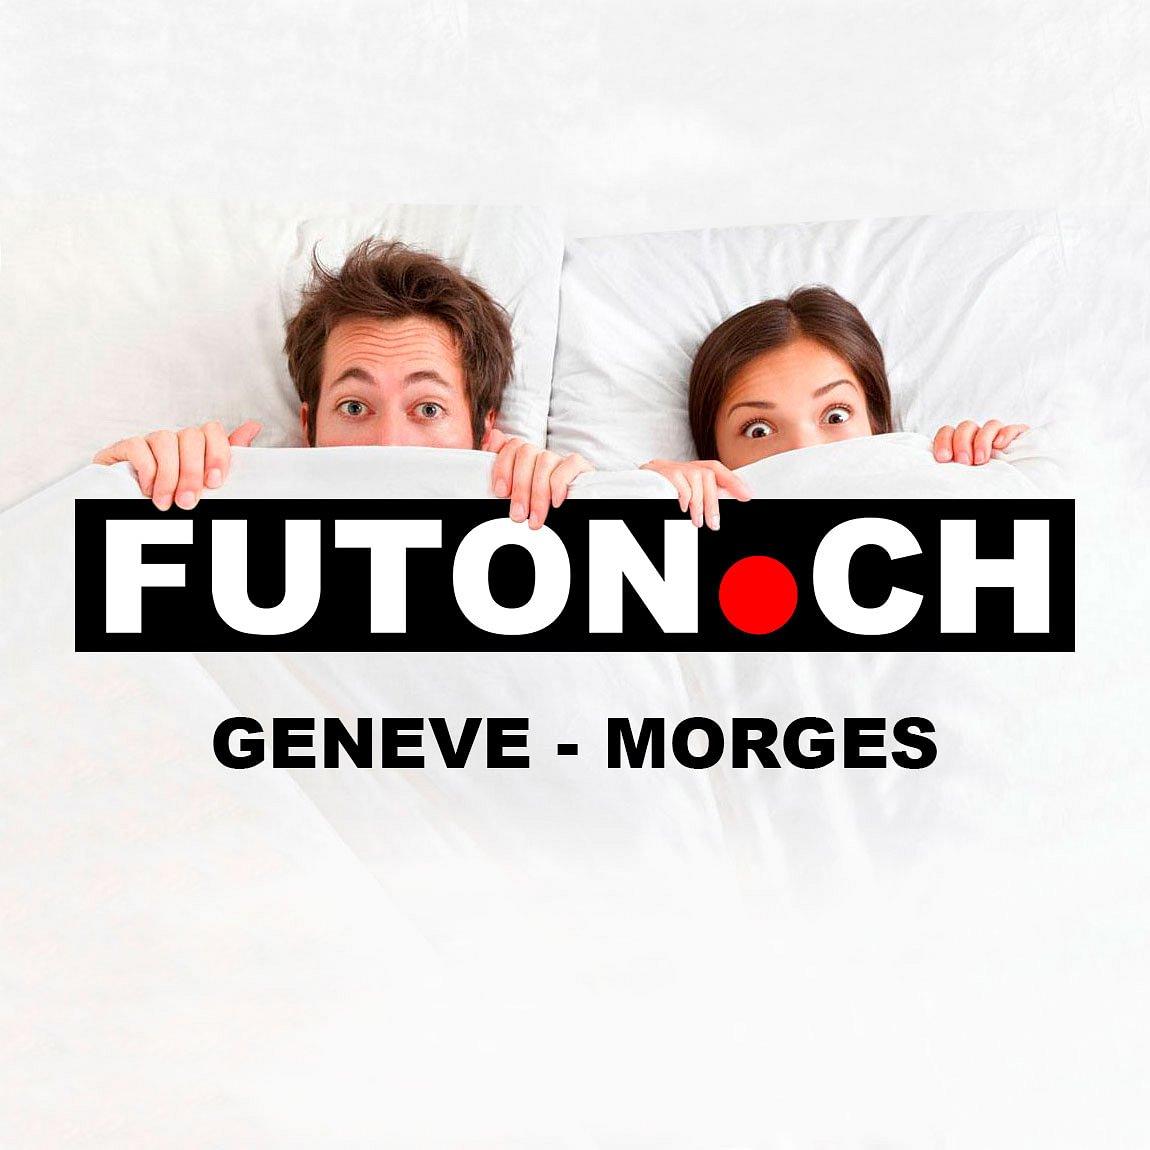 Futon.ch